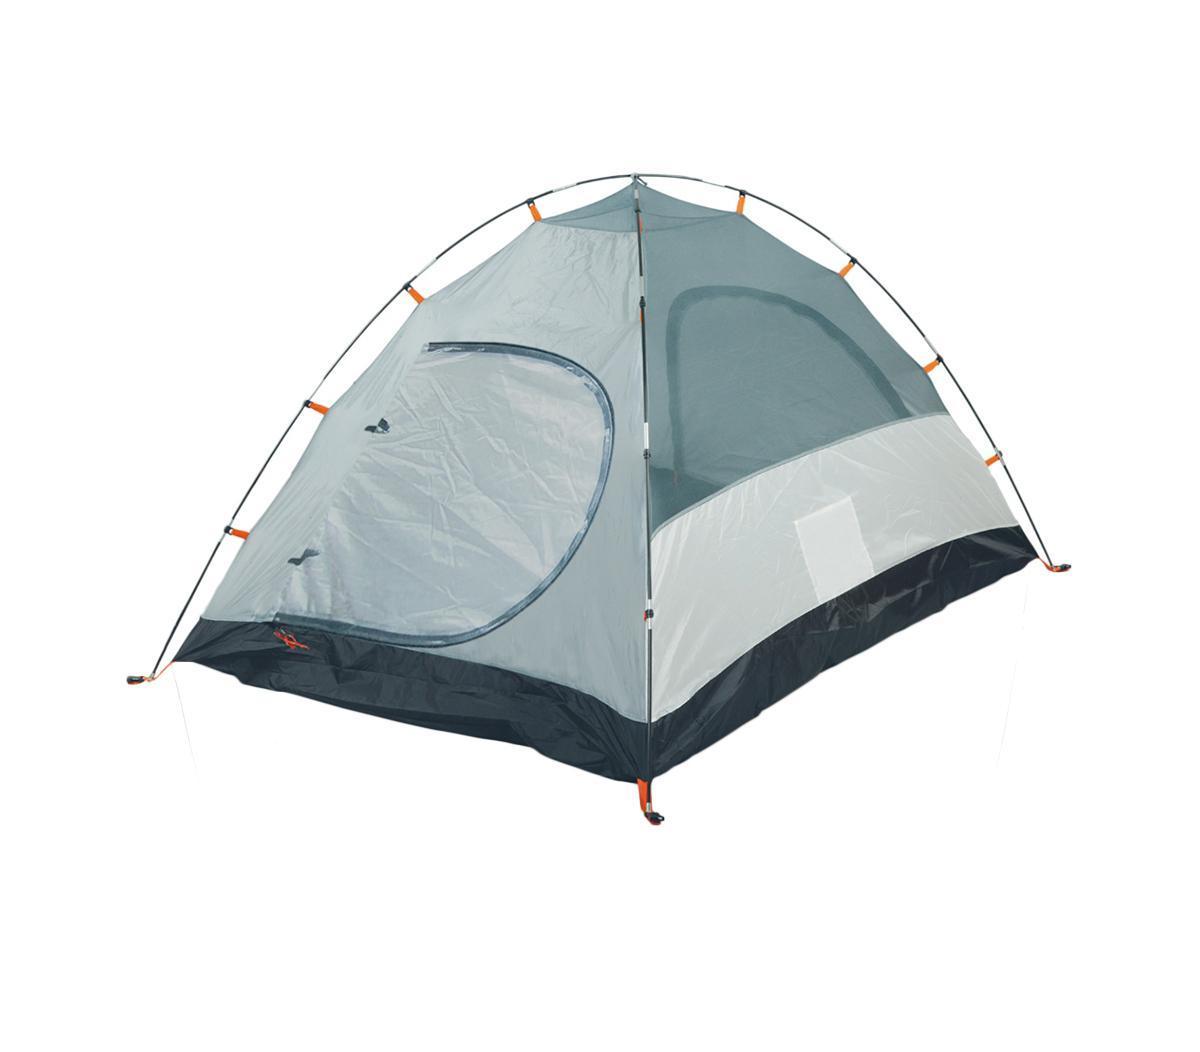 Палатка Husky Bizam 2, цвет: светло-зеленыйУТ-000046991Палатка Bizam 2 является одной из основных моделей походных палаток Husky и идеально подходит для двоих. Представляет собой двухслойную однокомнатную палатку с двумя входами и тамбуром. Внутренняя палатка выполнена из водоотталкивающего нейлона, швы наружного тента проварены специальной лентой. Палатка с комфортной вентиляционной системой, удобная в использовании благодаря небольшому весу и размеру, предназначена для пешего туризма, кемпинга или велотуризма. К палатке прилагаются — дюралевые колышки, ремкомплект, компрессионный мешок, сетка для мелочей. Характеристики: Количество мест: 2. Размер палатки: 290 см х 145 см х 120 см. Спальная комната: 210 см х 145 см. Количество входов: 2. Дуги из фибергласа: 8,5 мм/7,9 мм. Материал наружного тента: полиэстер 185Т, водостойкость 3000 мм.вд.ст. Материал внутреннего тента: нейлон 190Т, противомоскитные сетки. Материал дна: полиэстер 190Т, водостойкость 6000 мм.вд.ст. Размер в собранном виде: ...